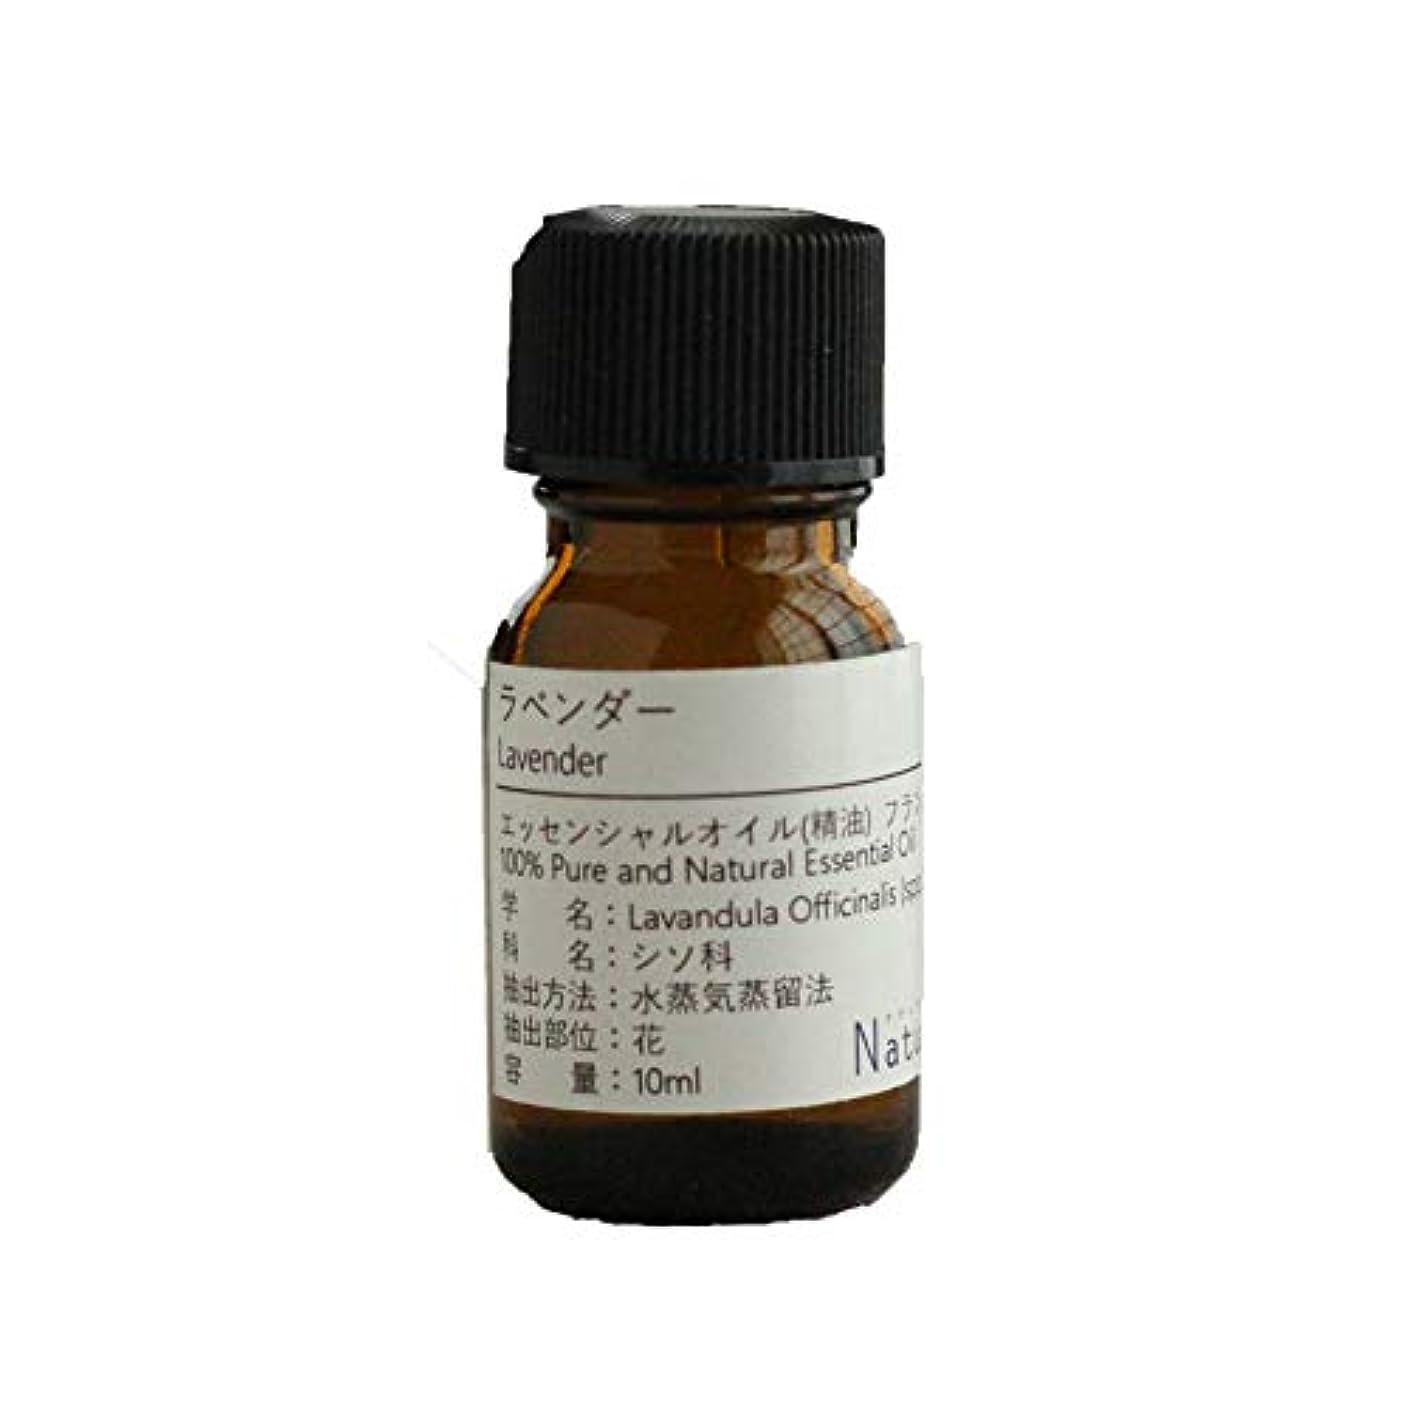 ミシン目二次スリチンモイNatural蒼 ラベンダー/エッセンシャルオイル 精油天然100% (30ml)